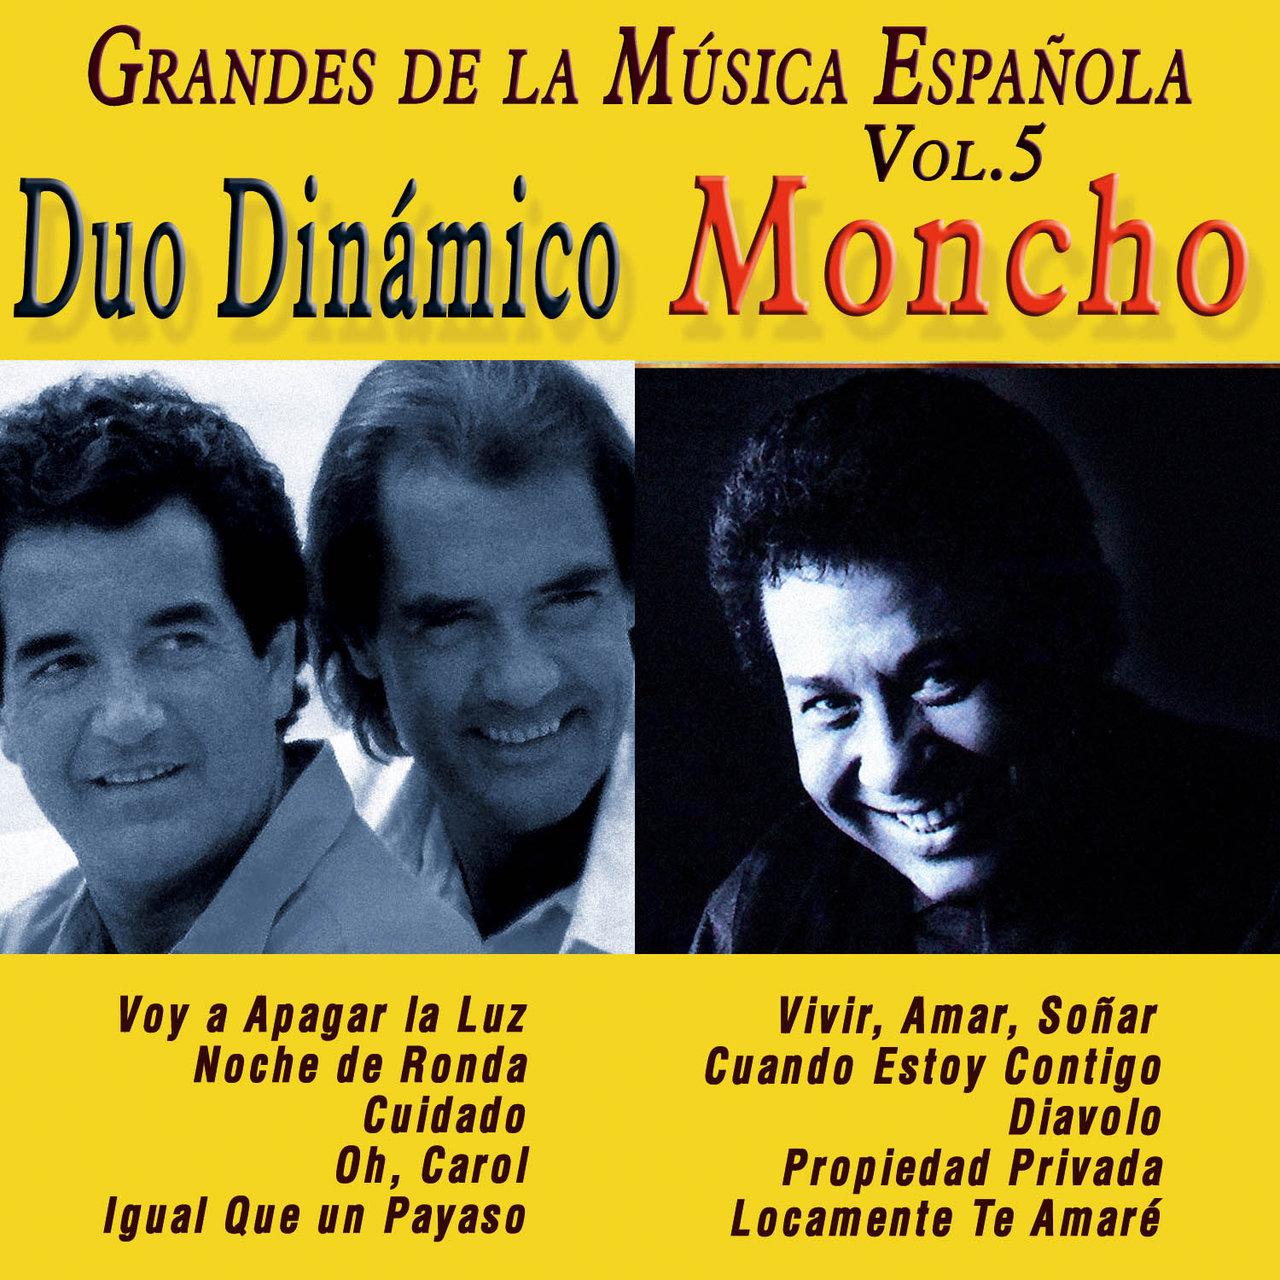 Resultado de imagen para Grandes de la musica españoles vol. 5